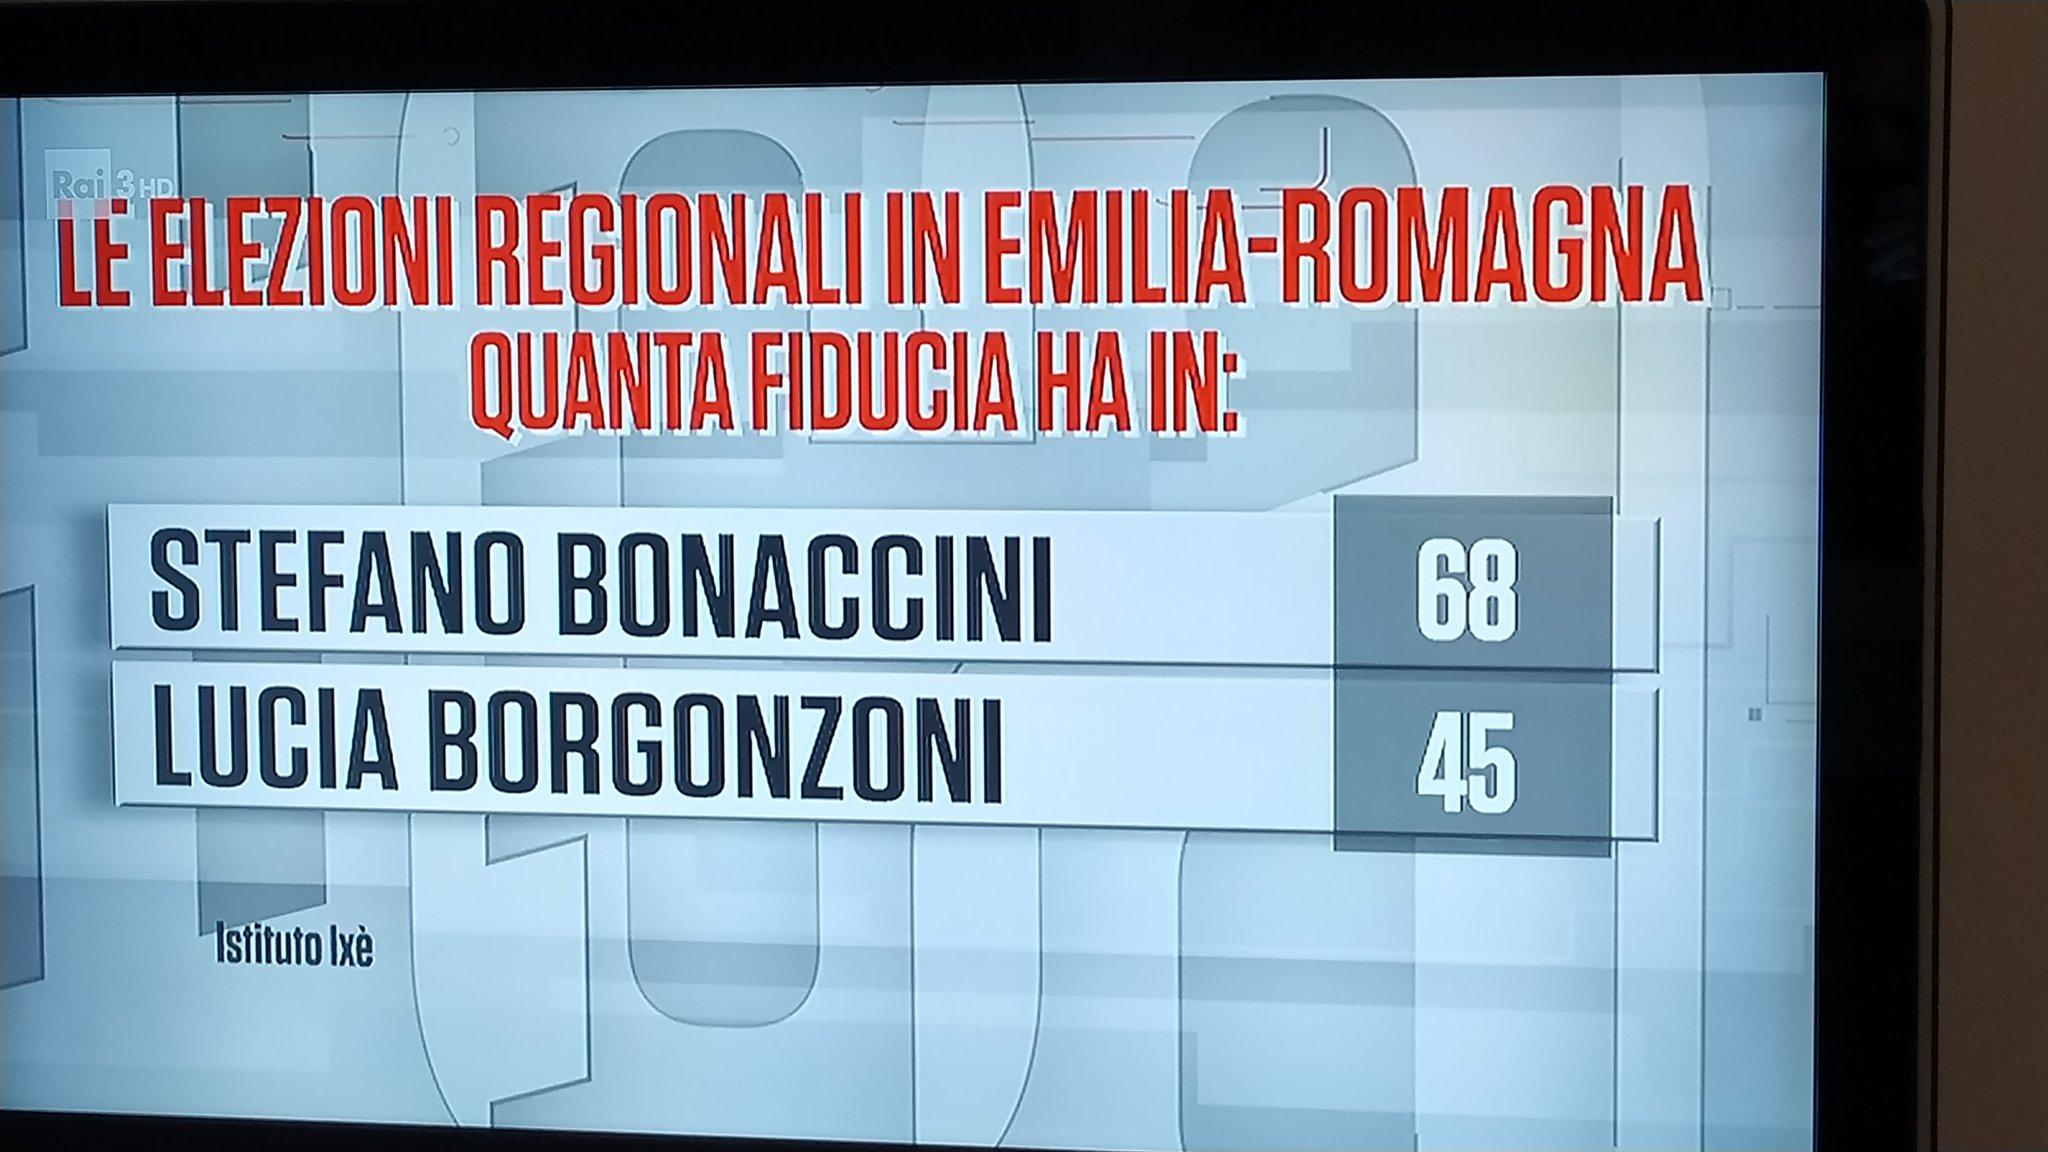 sondaggi emilia romagna bonaccini borgonzoni 1